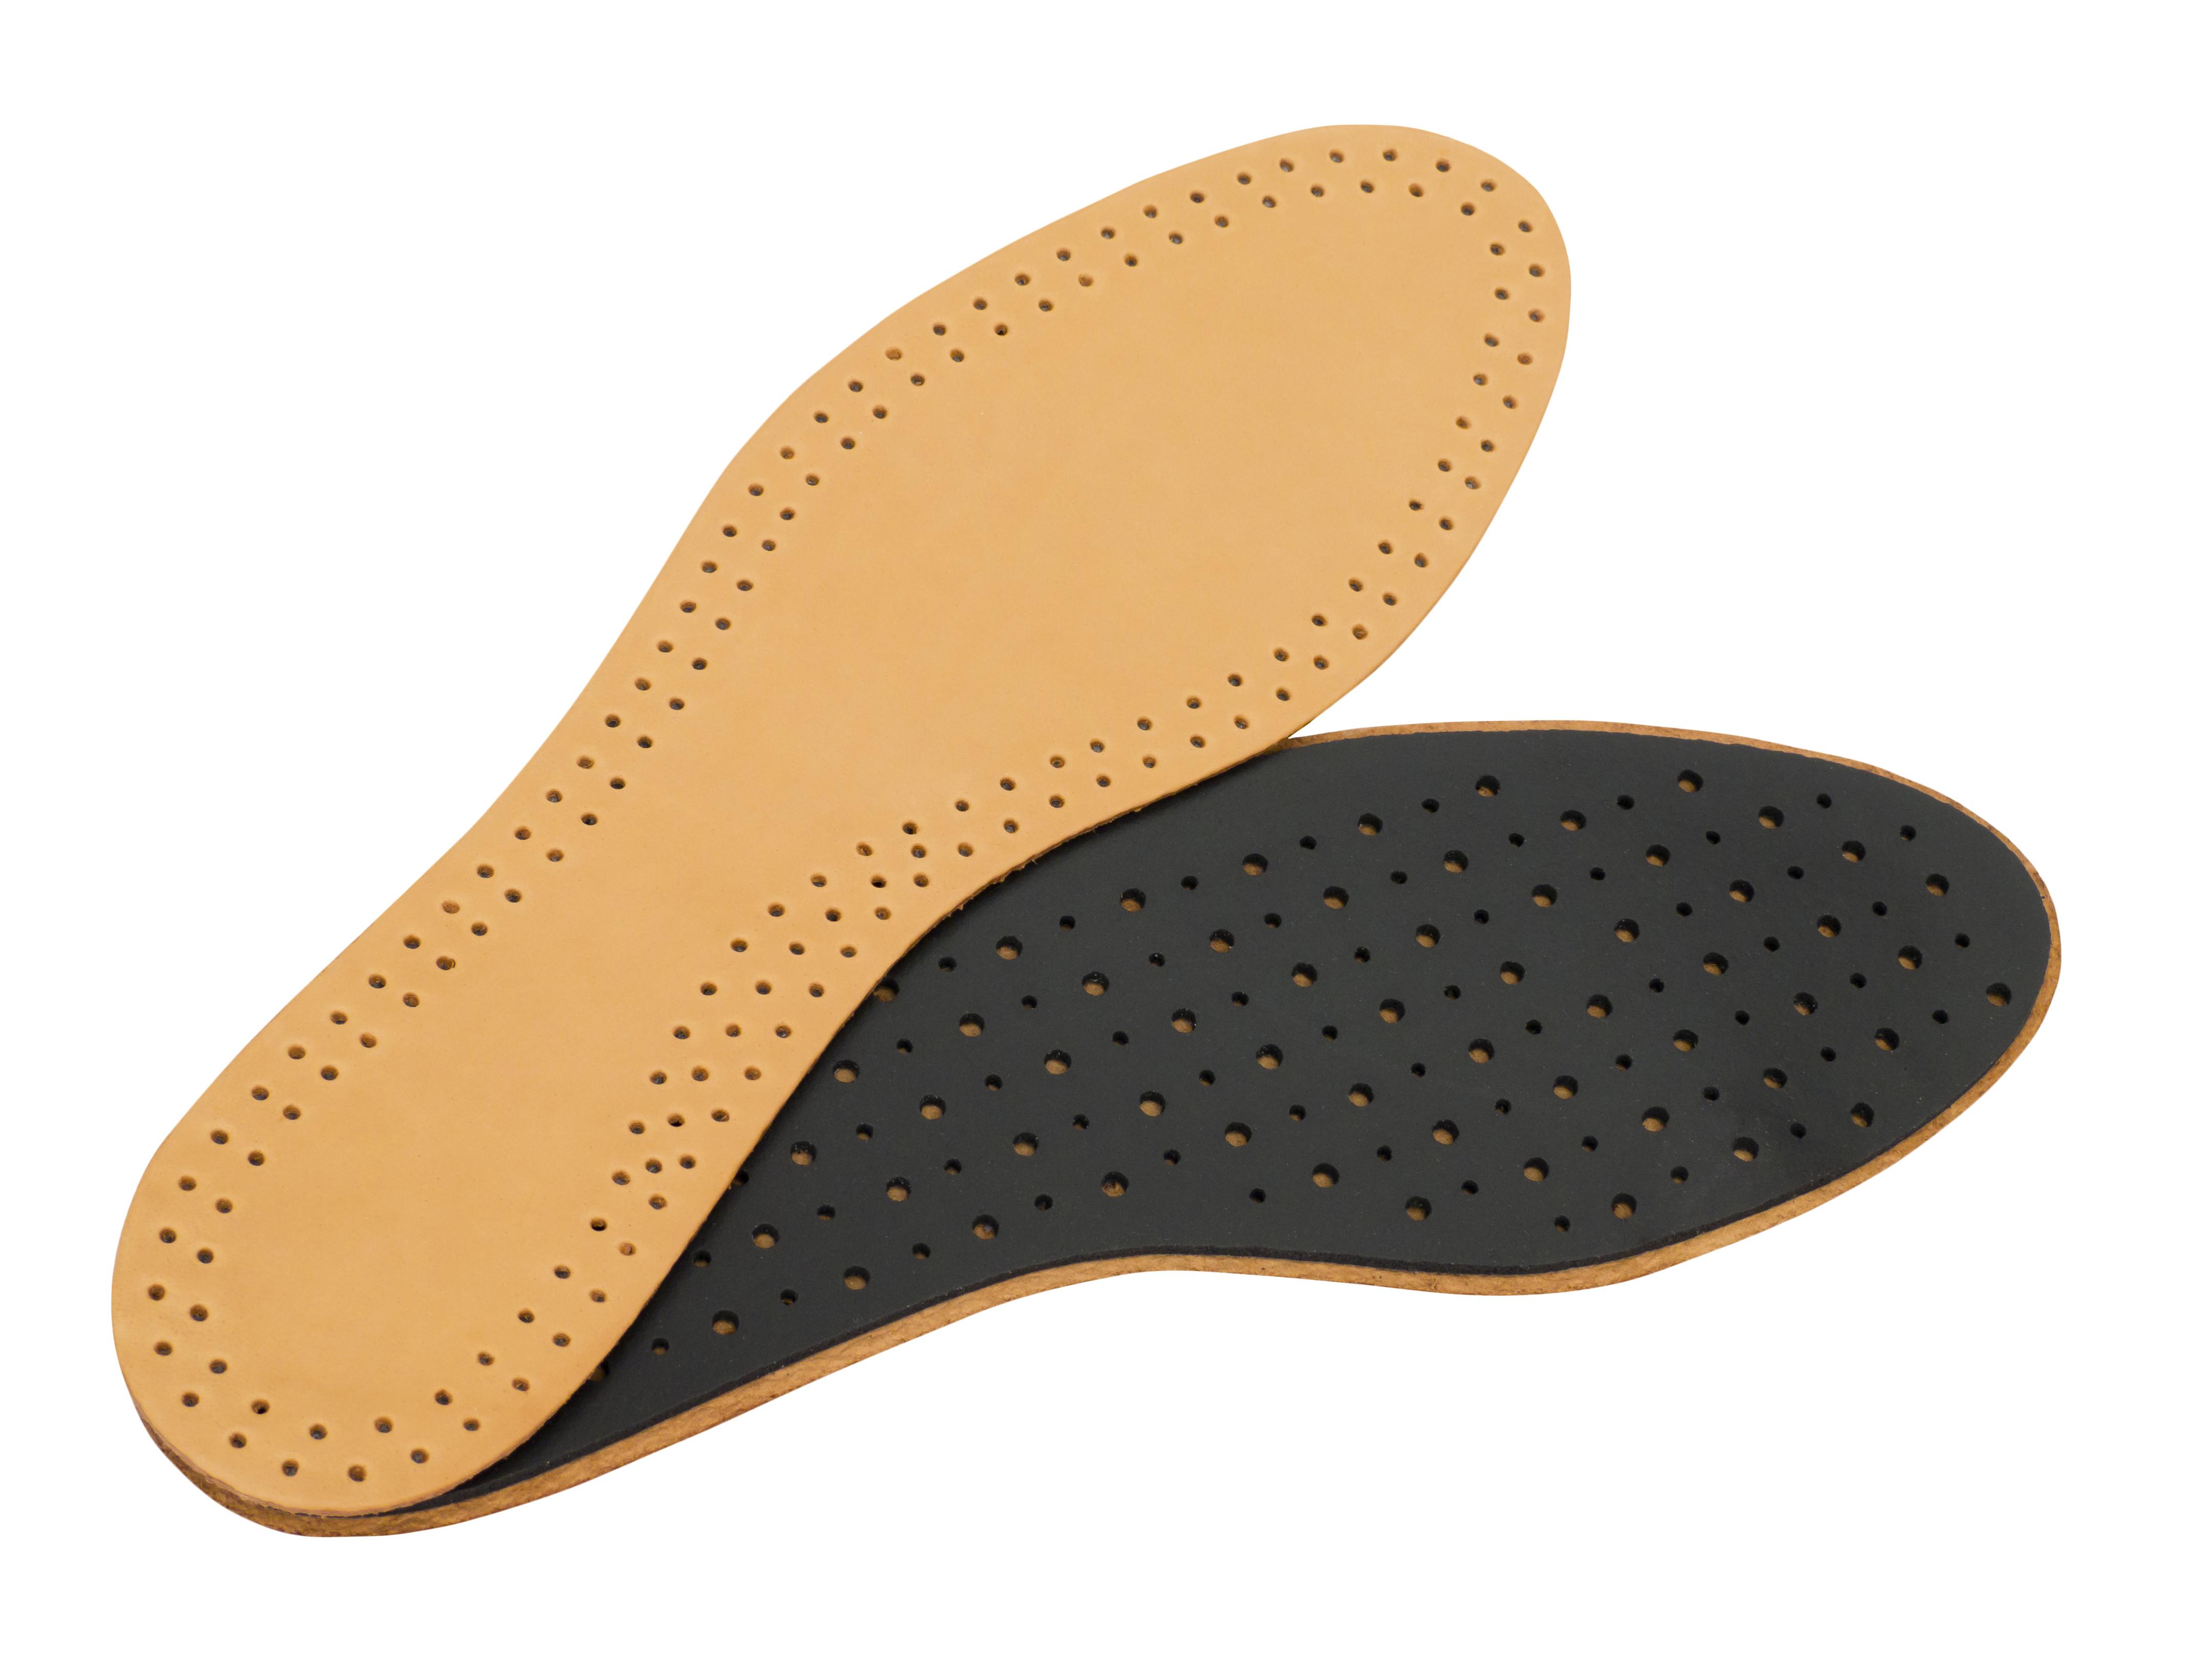 靴の中をさらりと気持ちよく保つのに最適!レザーインソールでちょっと贅沢